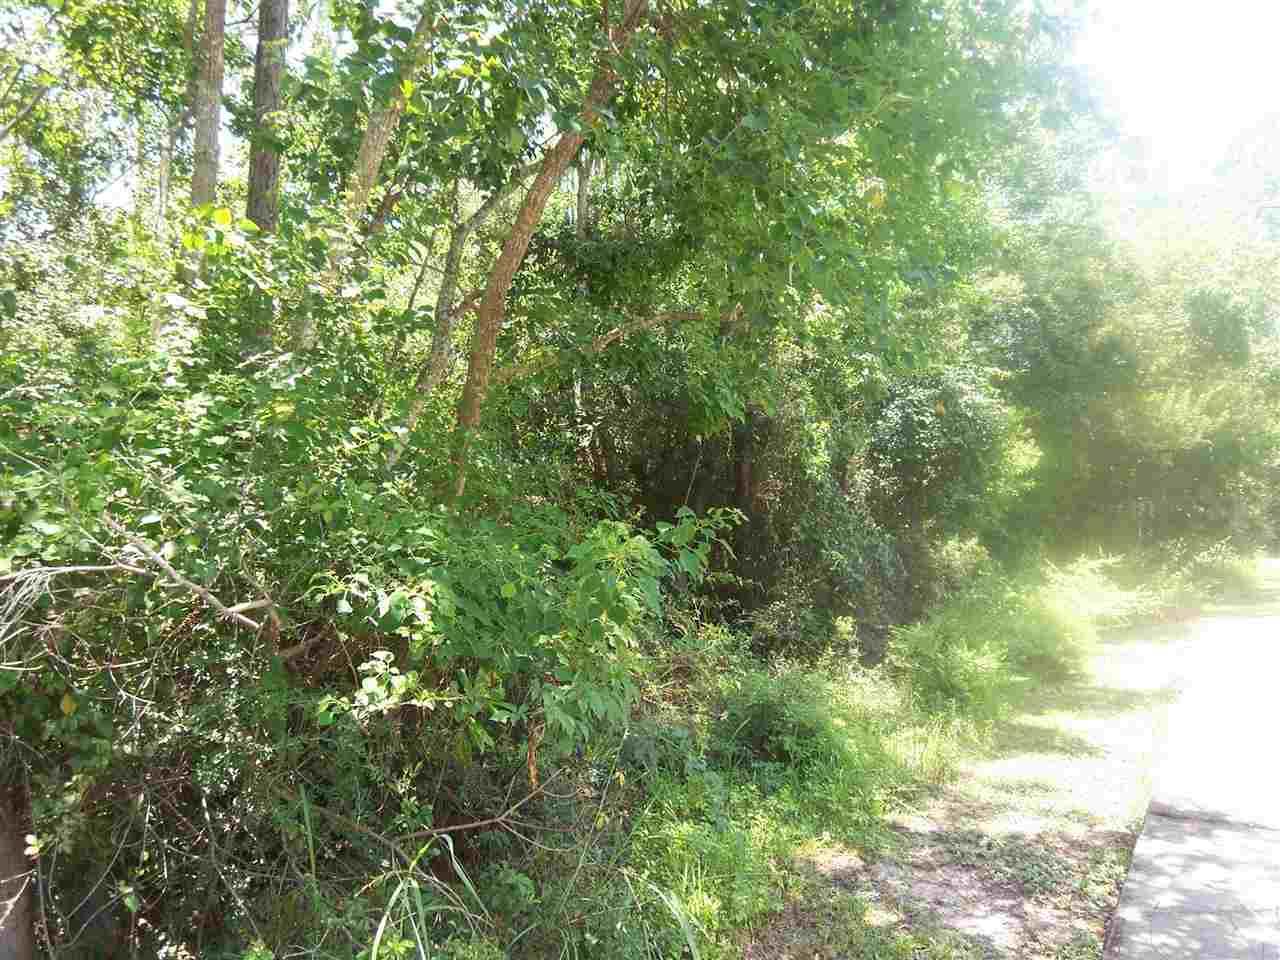 9894 Aileron Ave, Pensacola, FL 32506